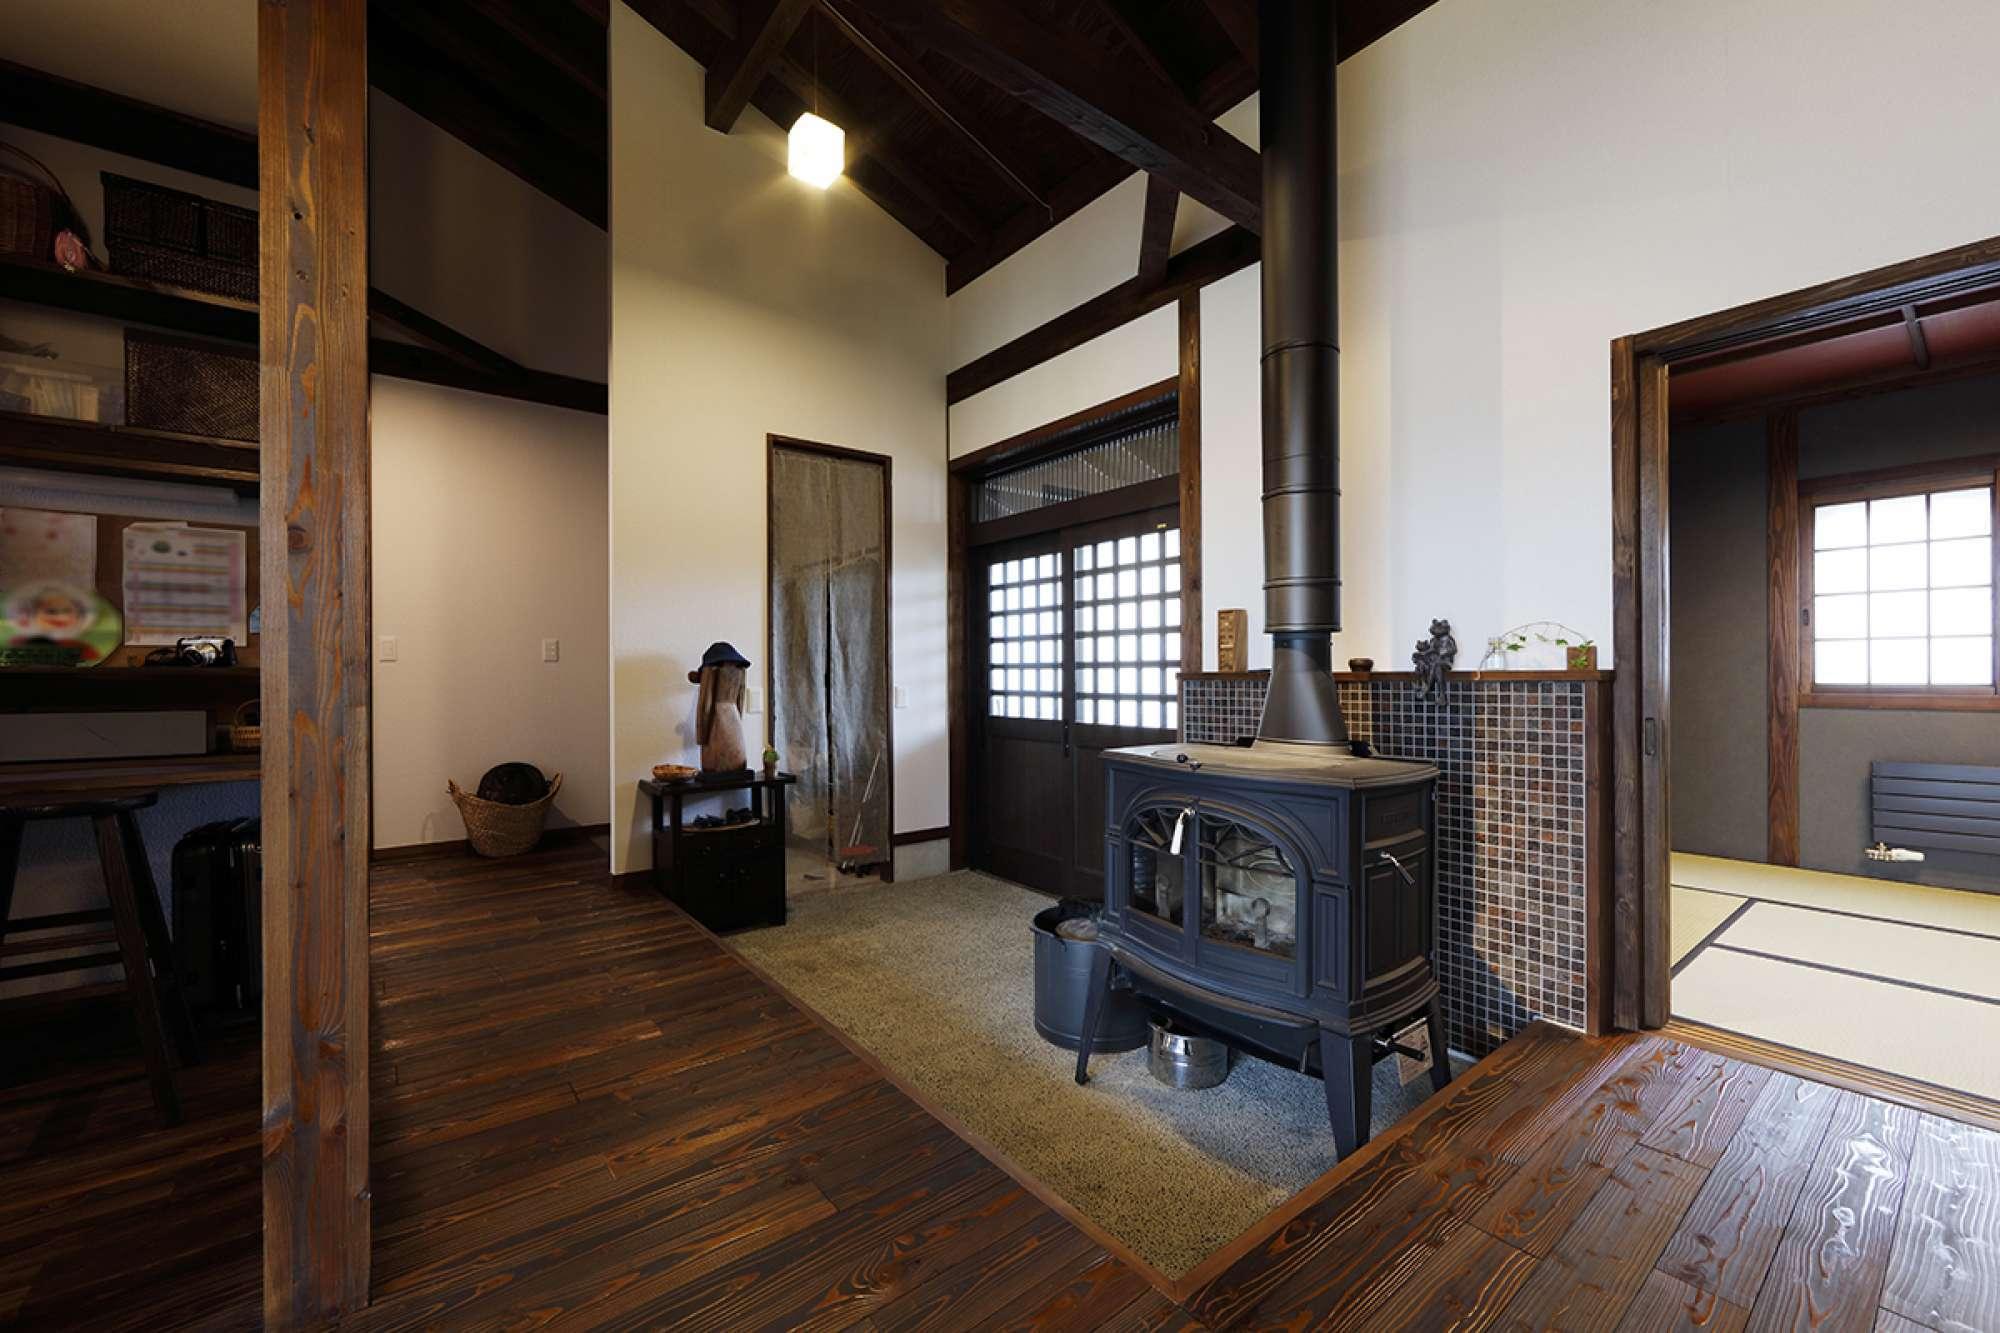 - 玄関土間に設置した薪ストーブ。どんなに外が寒くても、帰宅すると炎が迎えてくれるのっていいですね。 -  -